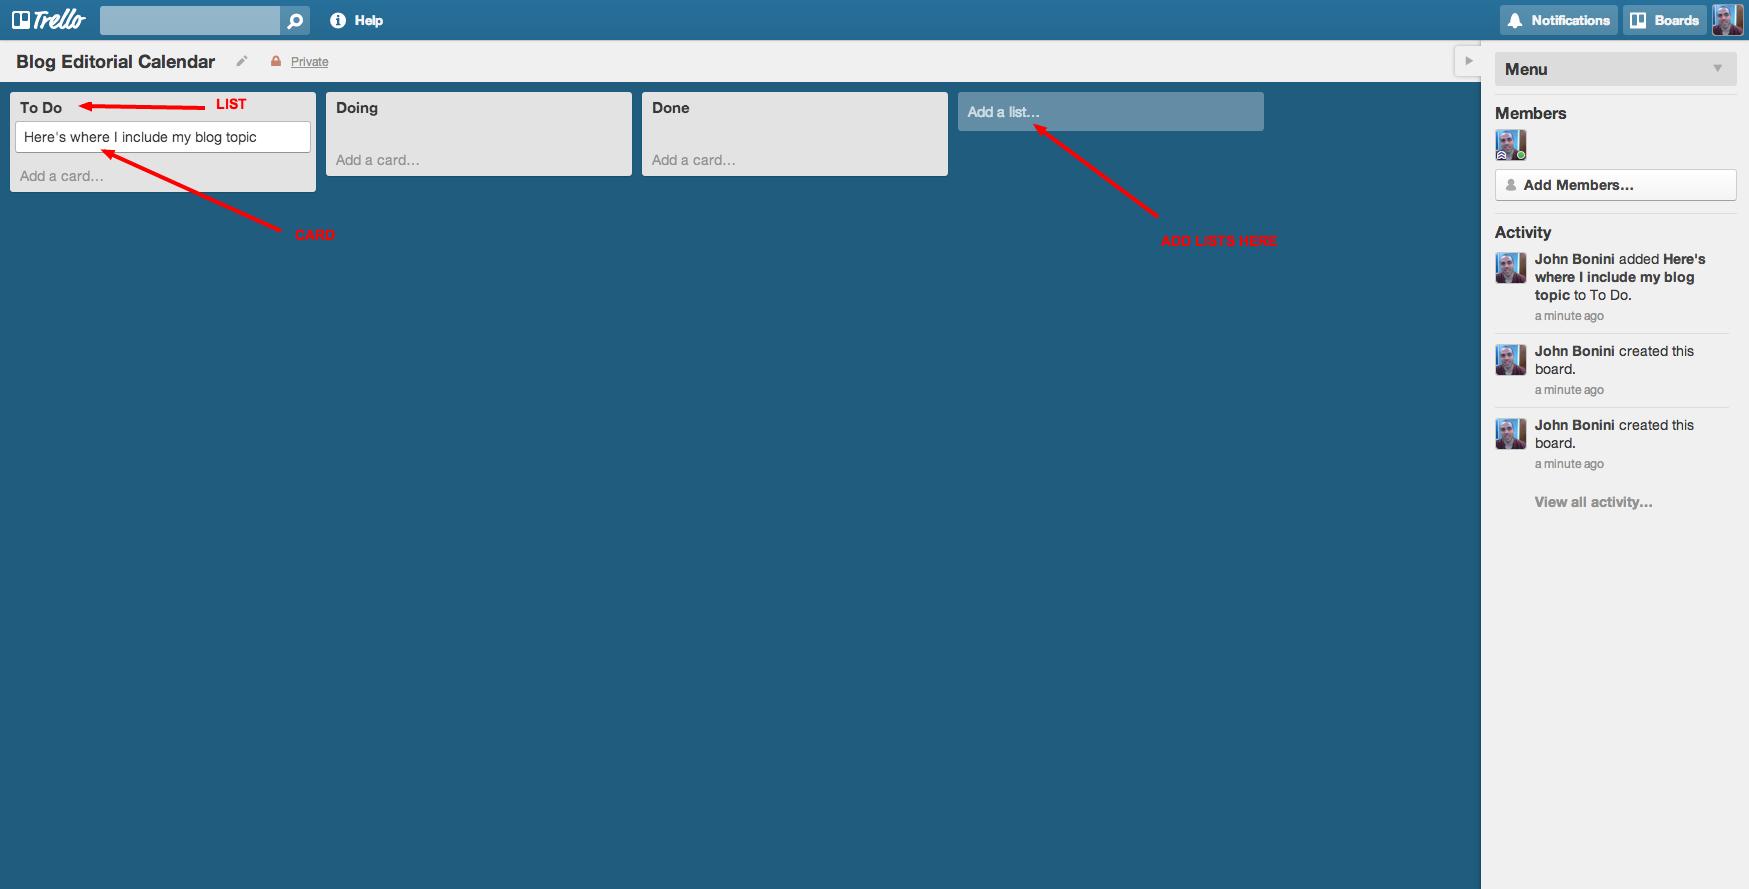 how-to-create-a-blog-editorial-calendar